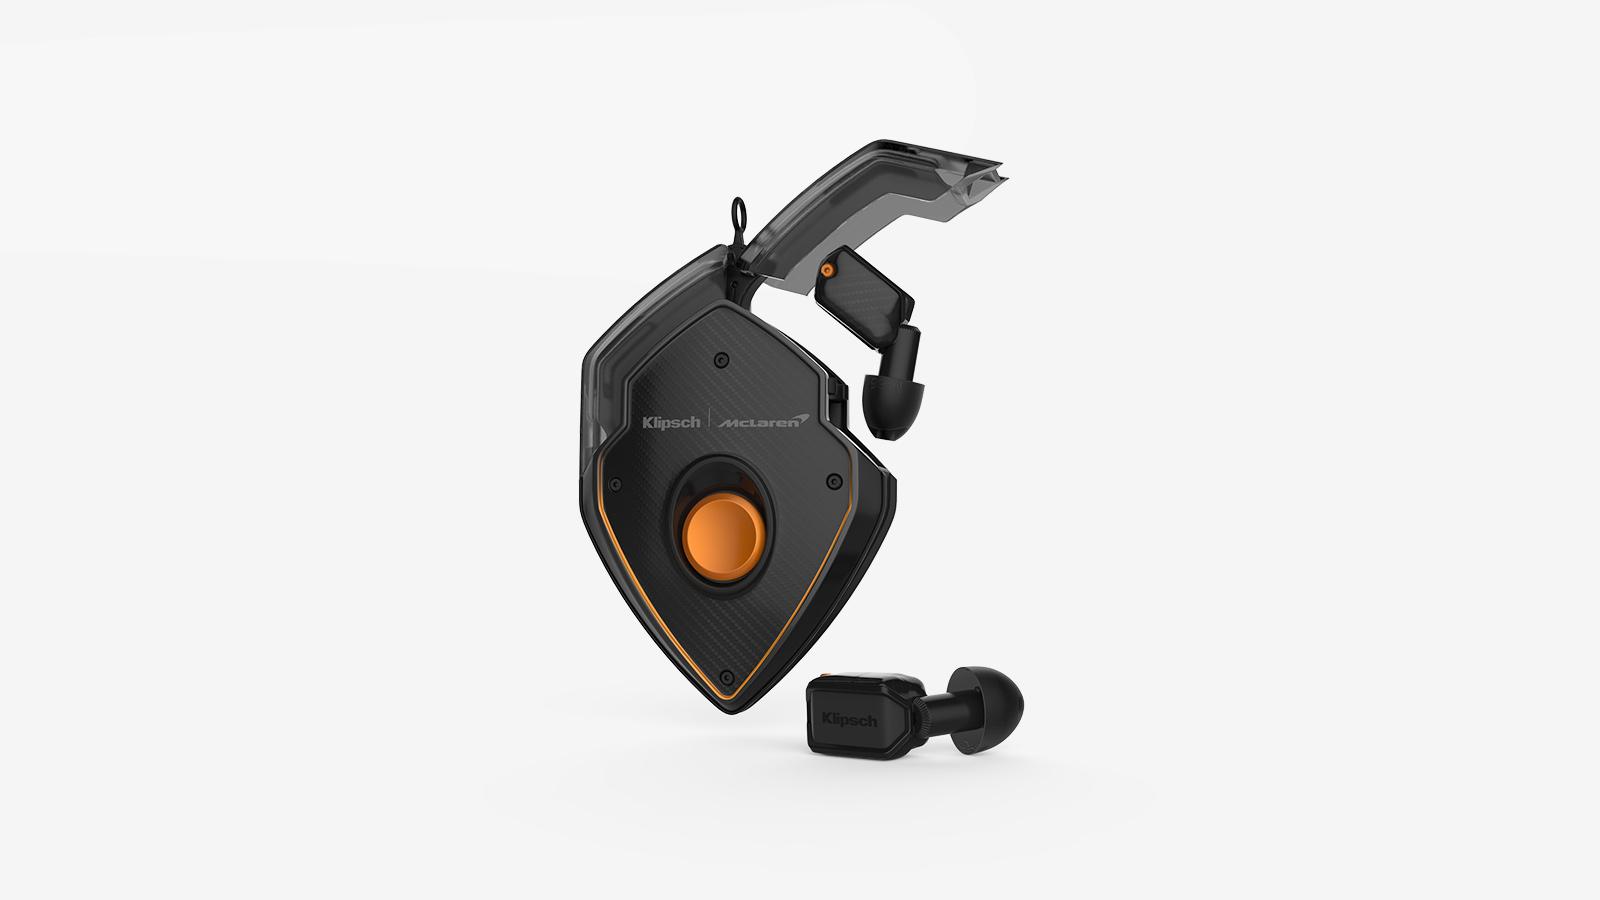 Klipsch T10 True Wireless Smart Earphones